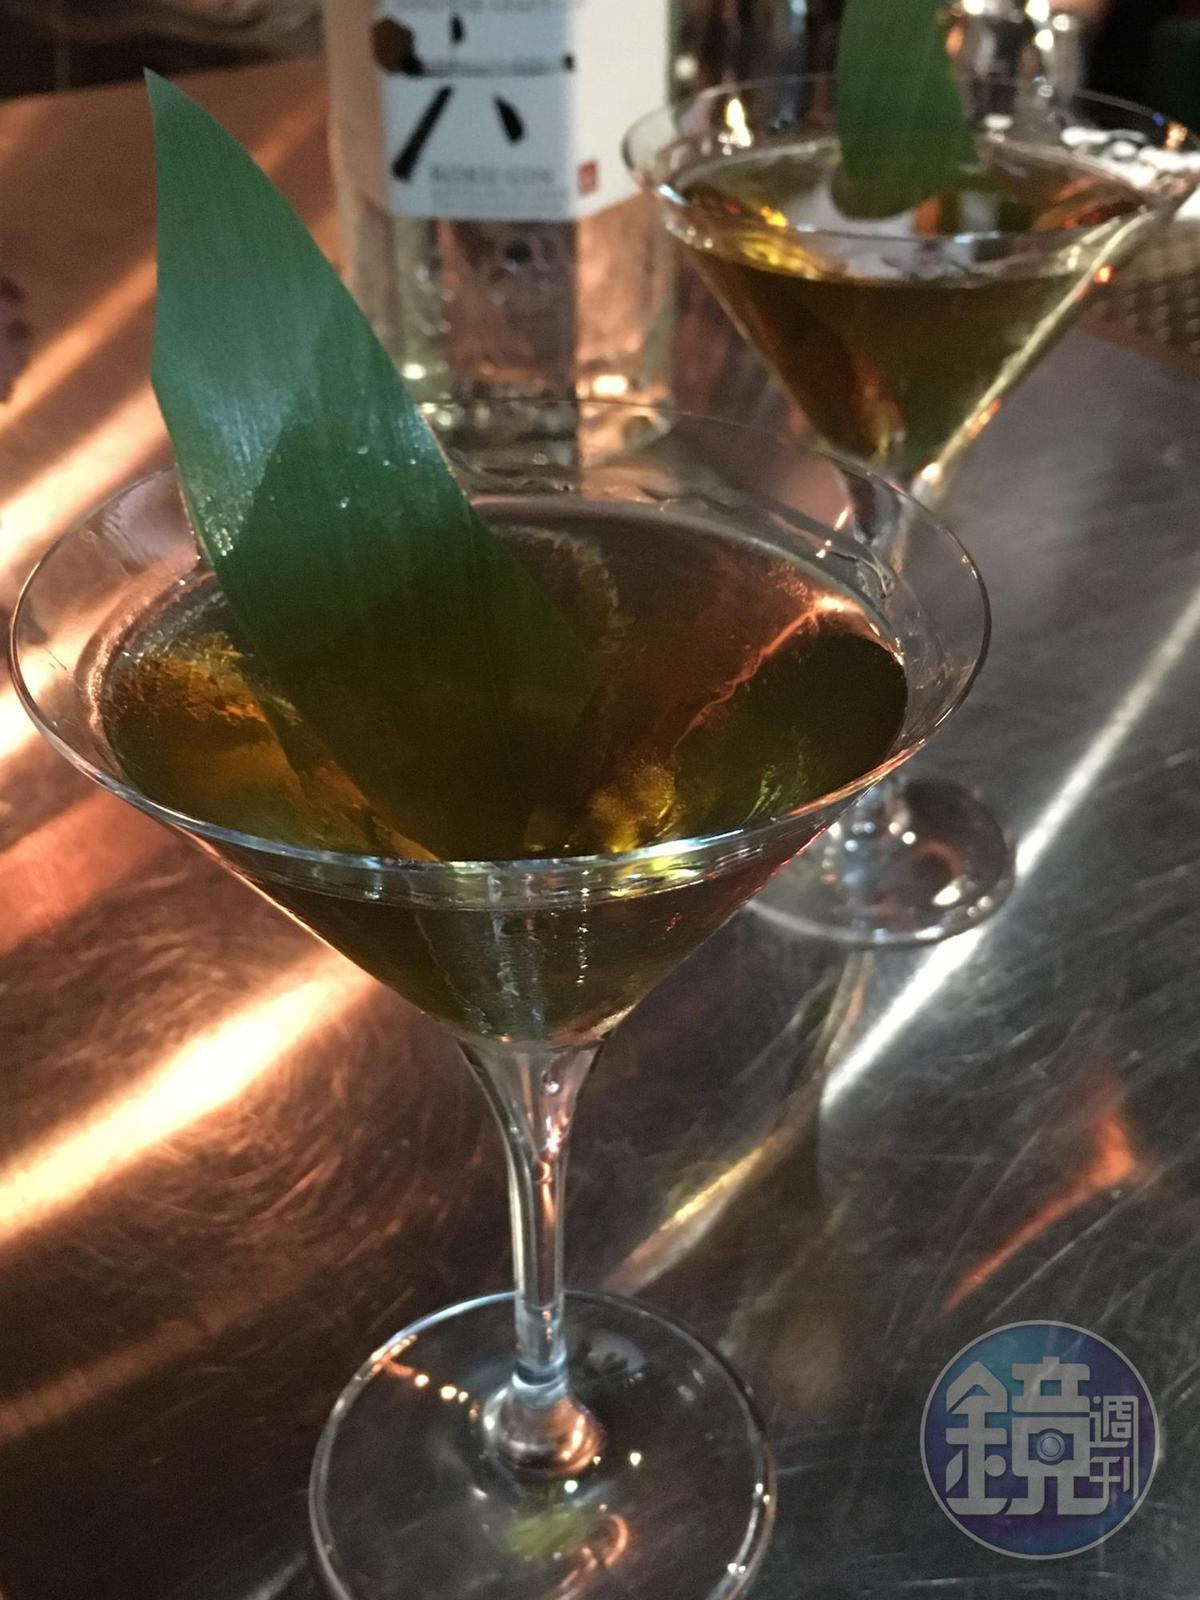 「春露」用六ROKU搭配雪莉酒,喝來帶點堅果和木質調性。(400元/杯,Closet Restaurant & Bar提供)